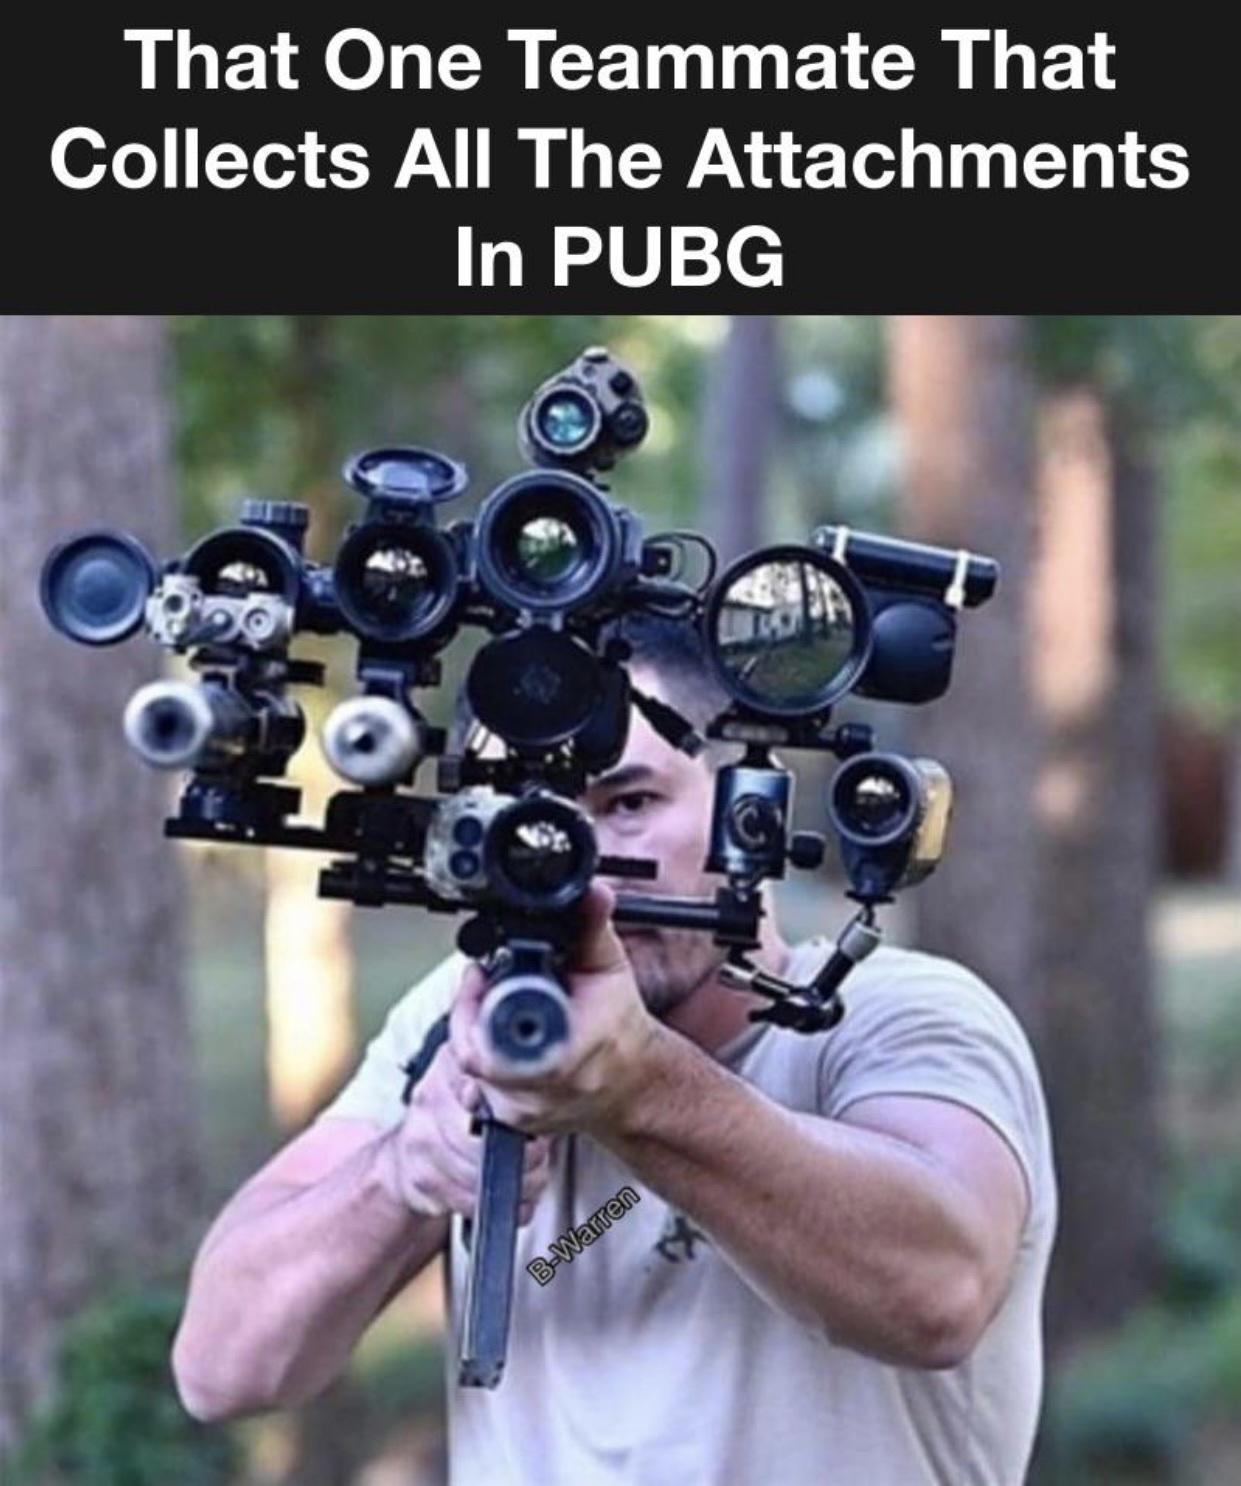 pubg attachments - meme